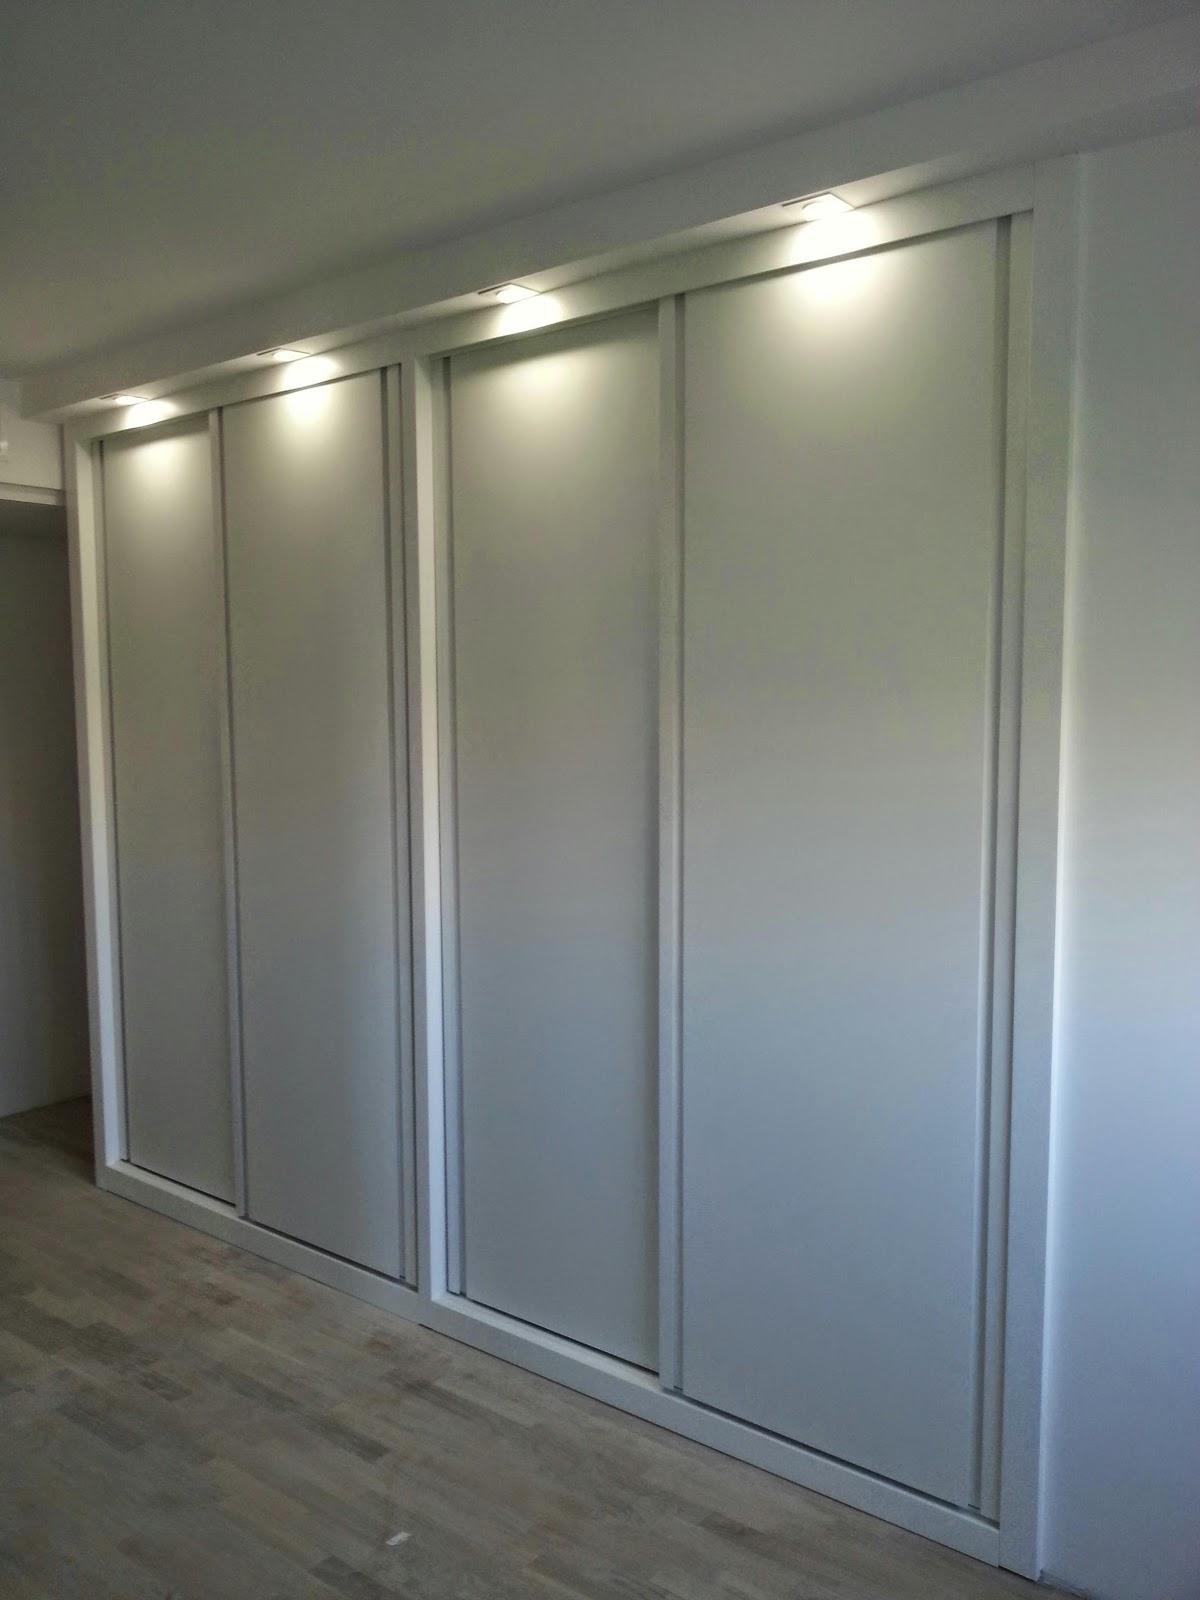 Design santiago franco puertas de los armarios piso juan - Iluminacion interior armarios ...